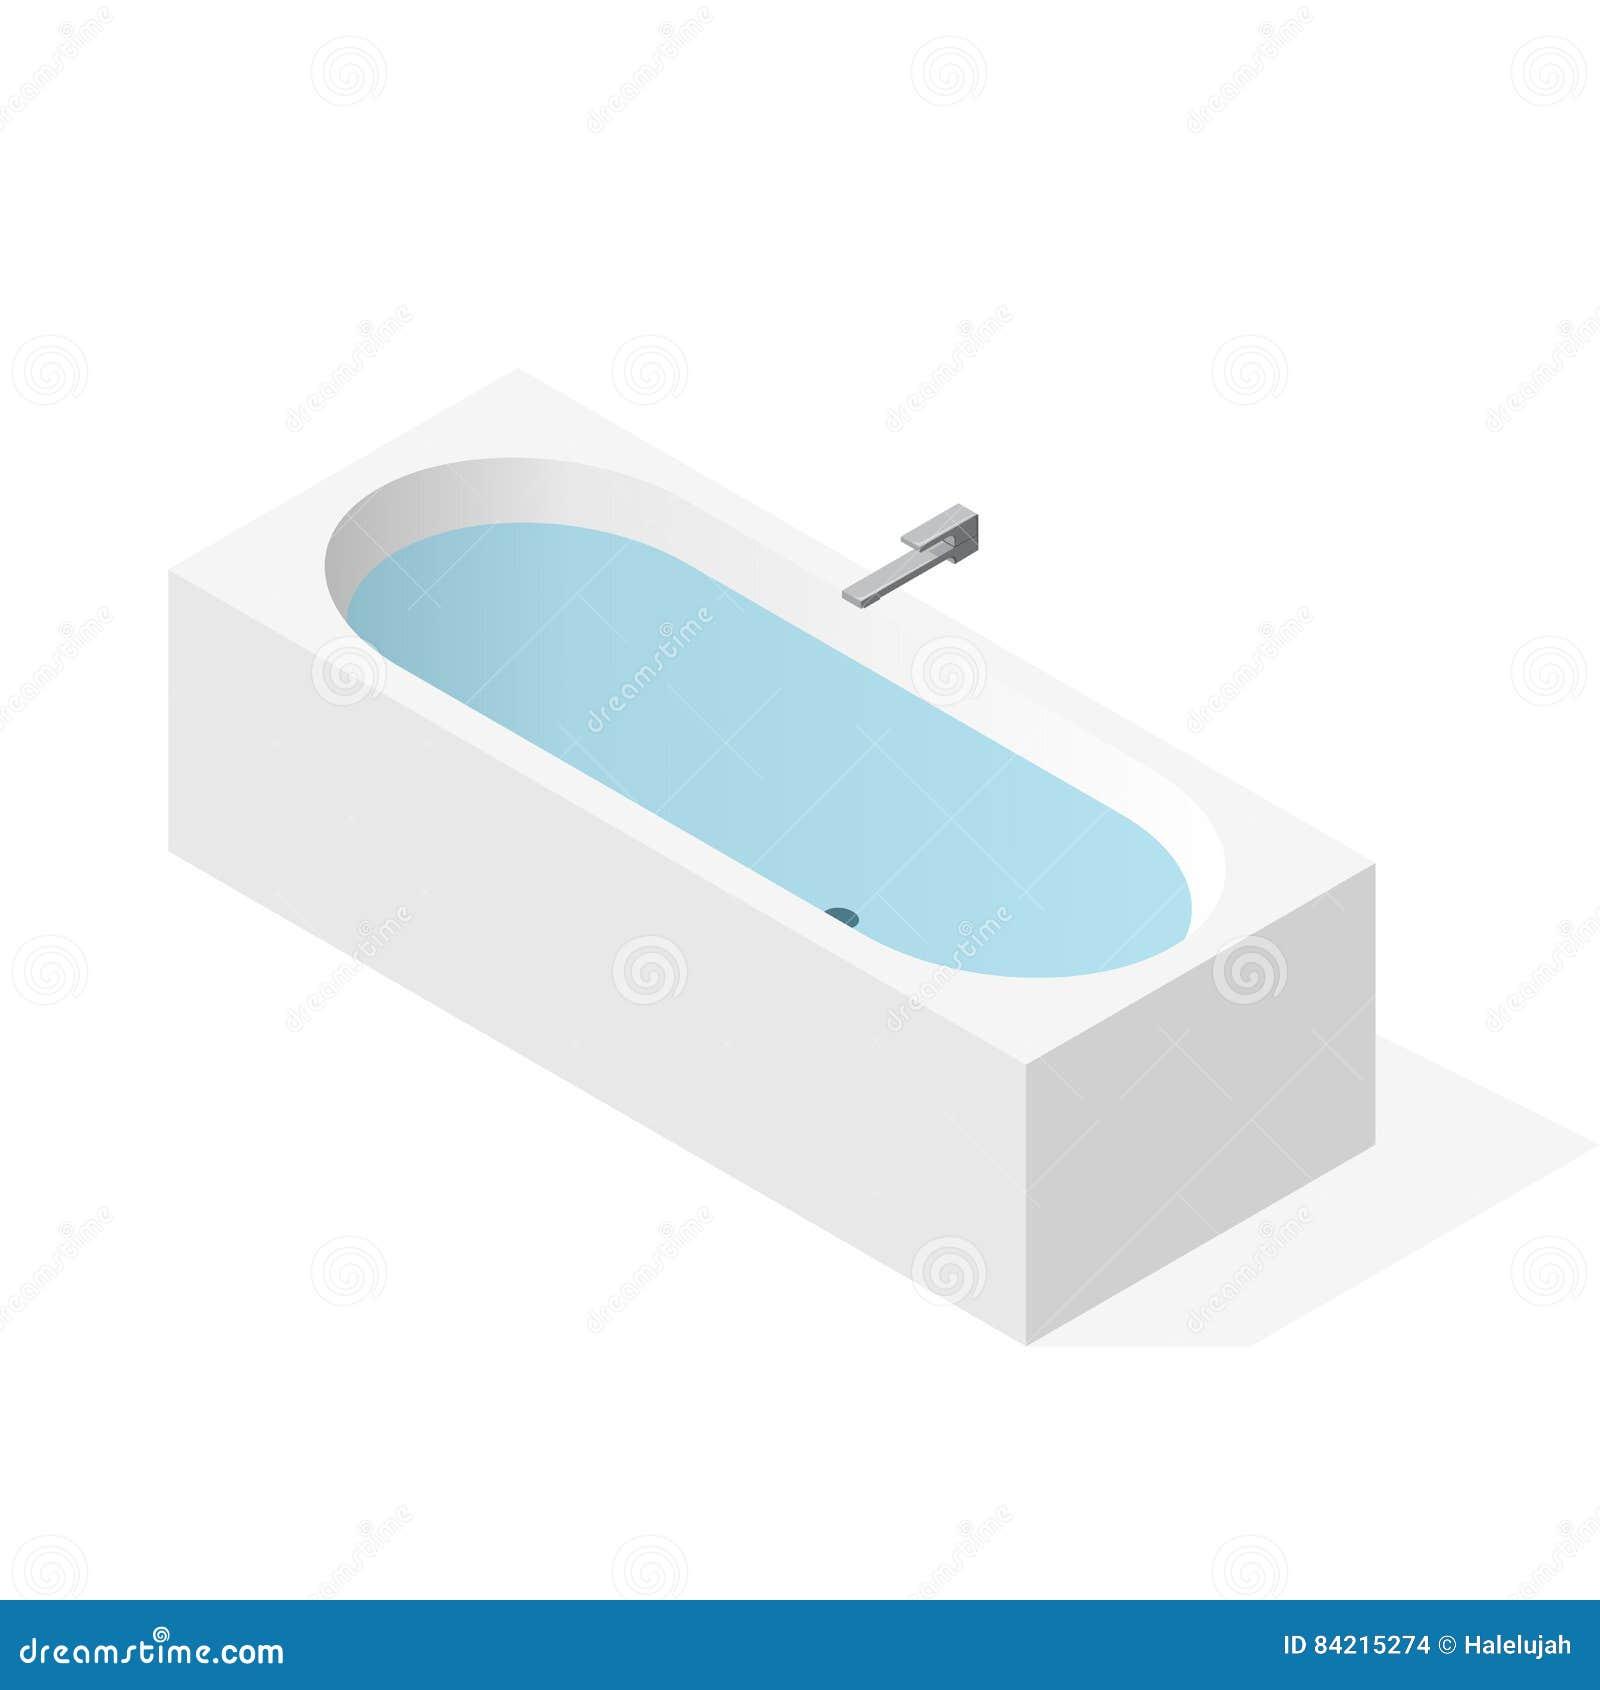 Vasca moderna riempita di acqua vasca da bagno di vettore prospettiva isometrica illustrazione - Colorare acqua vasca da bagno ...